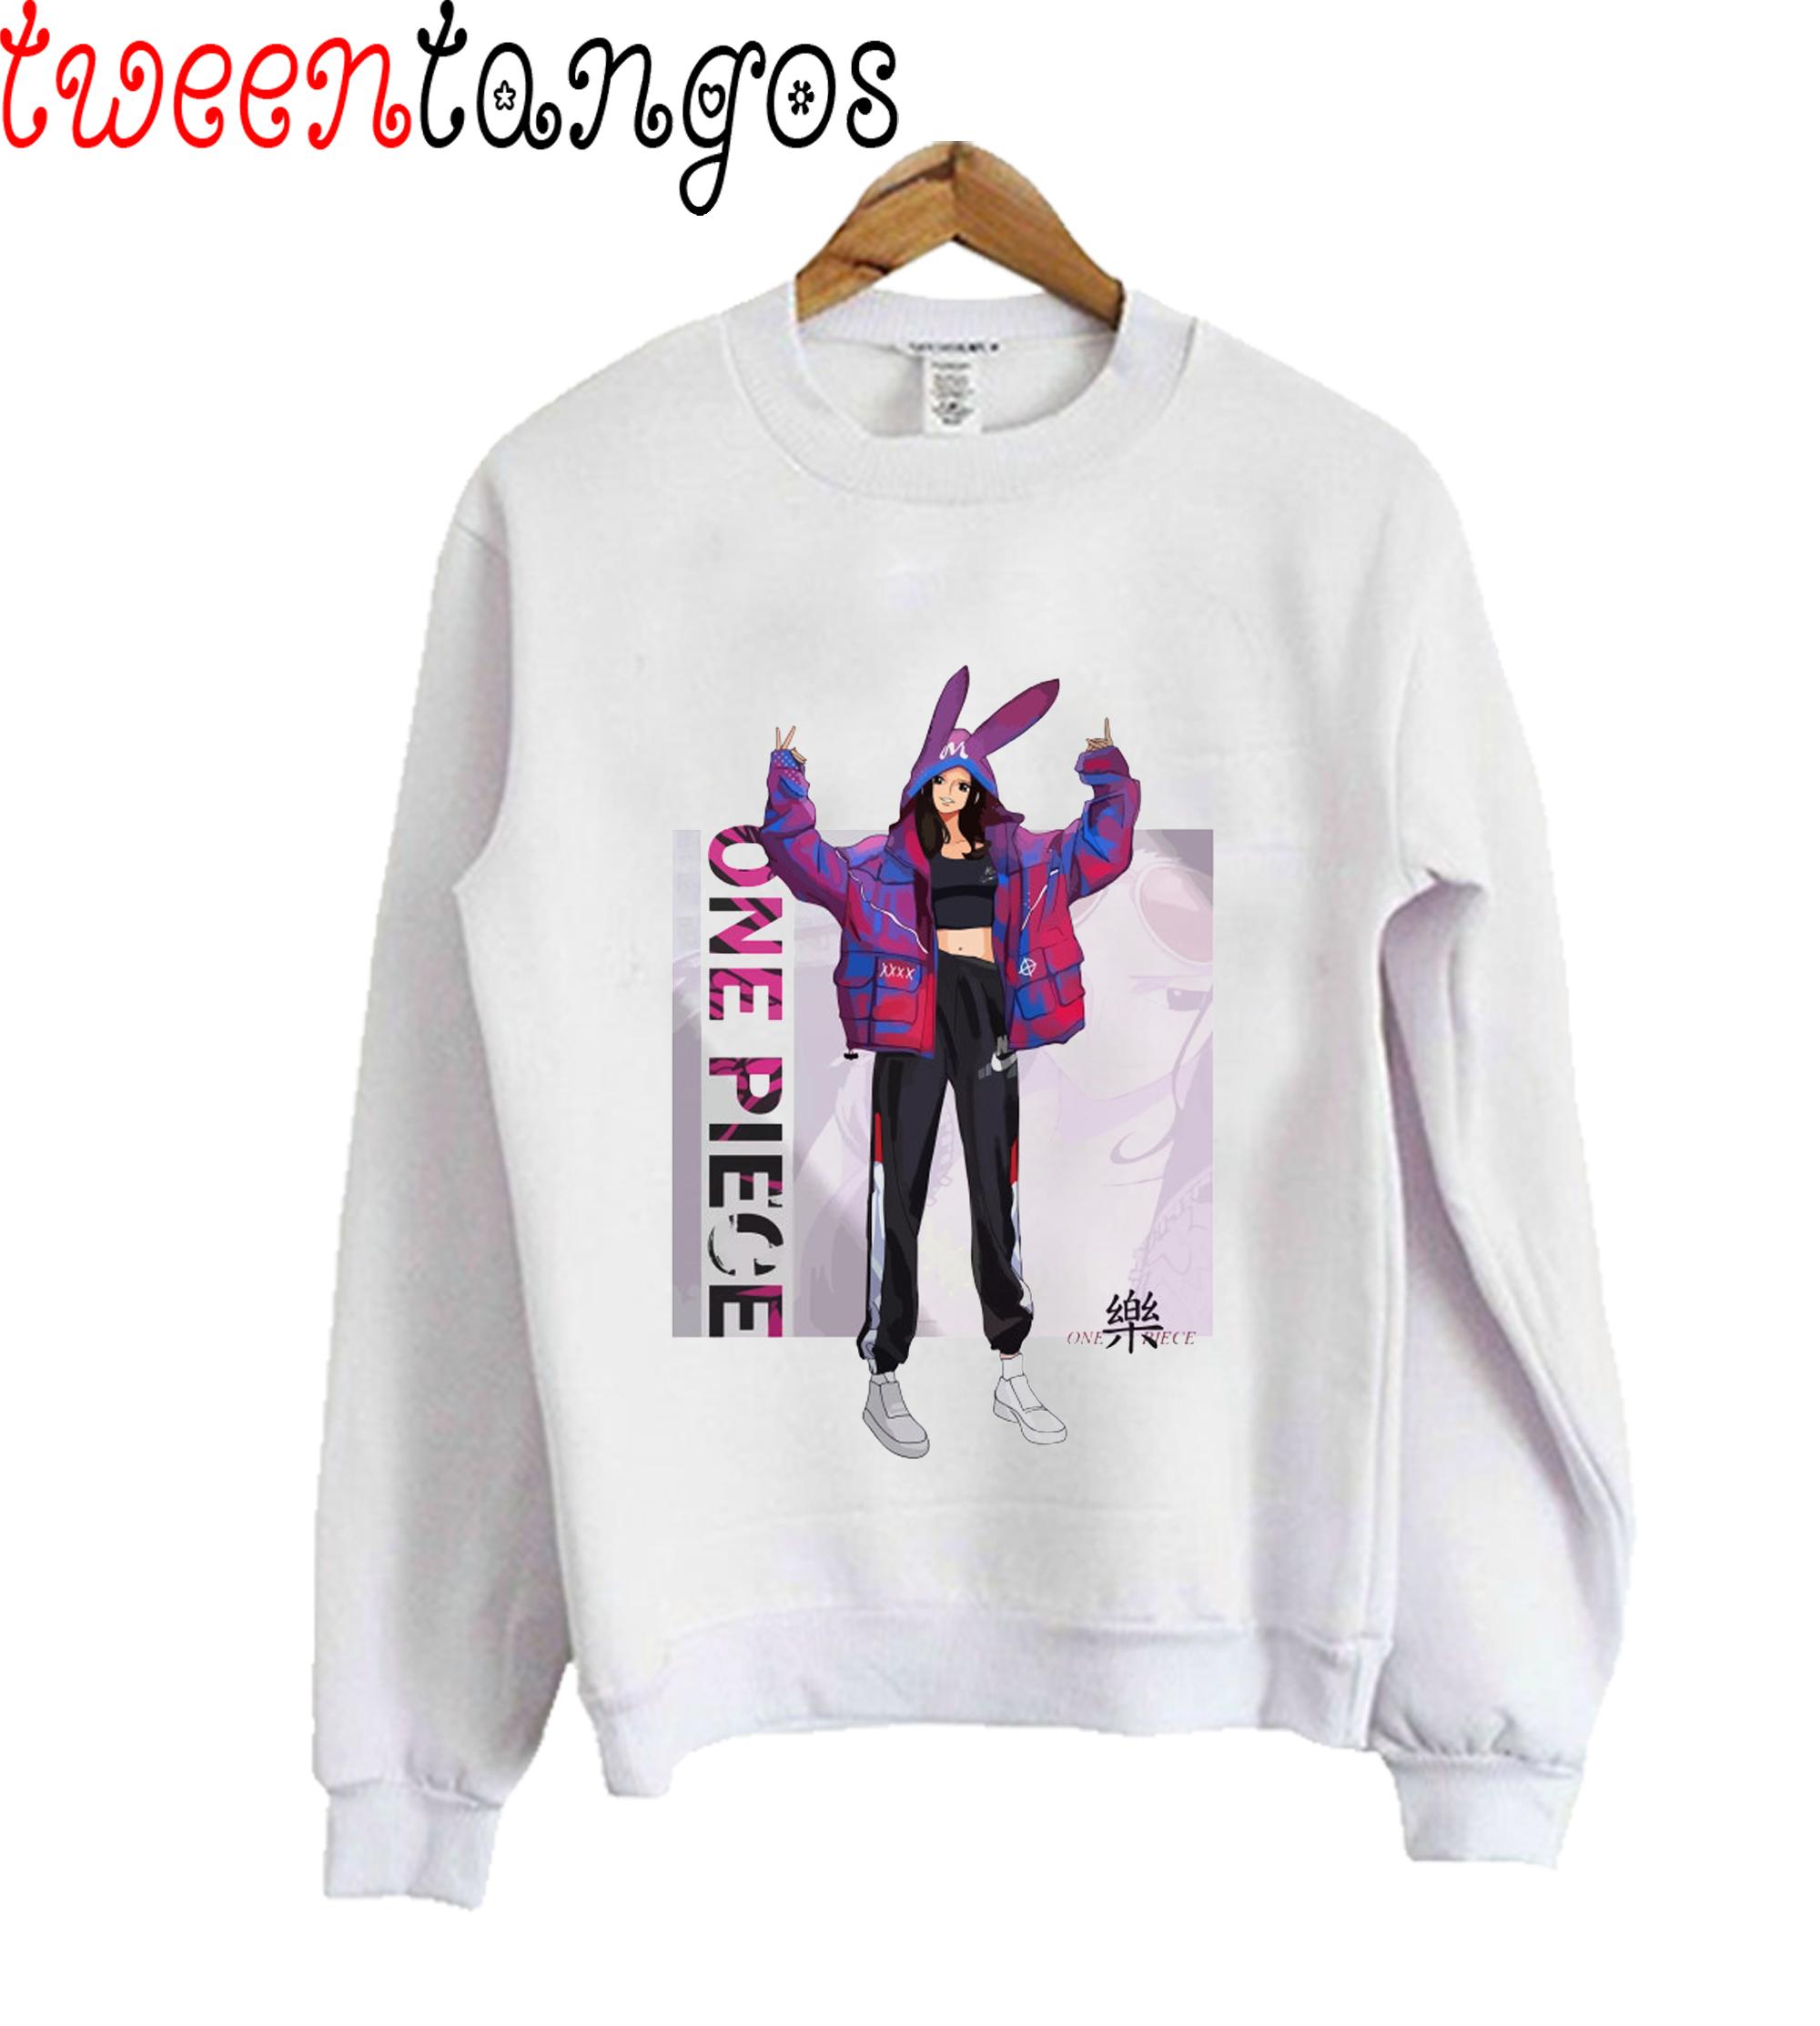 Nico Robin One Piece Fashion Sweatshirt